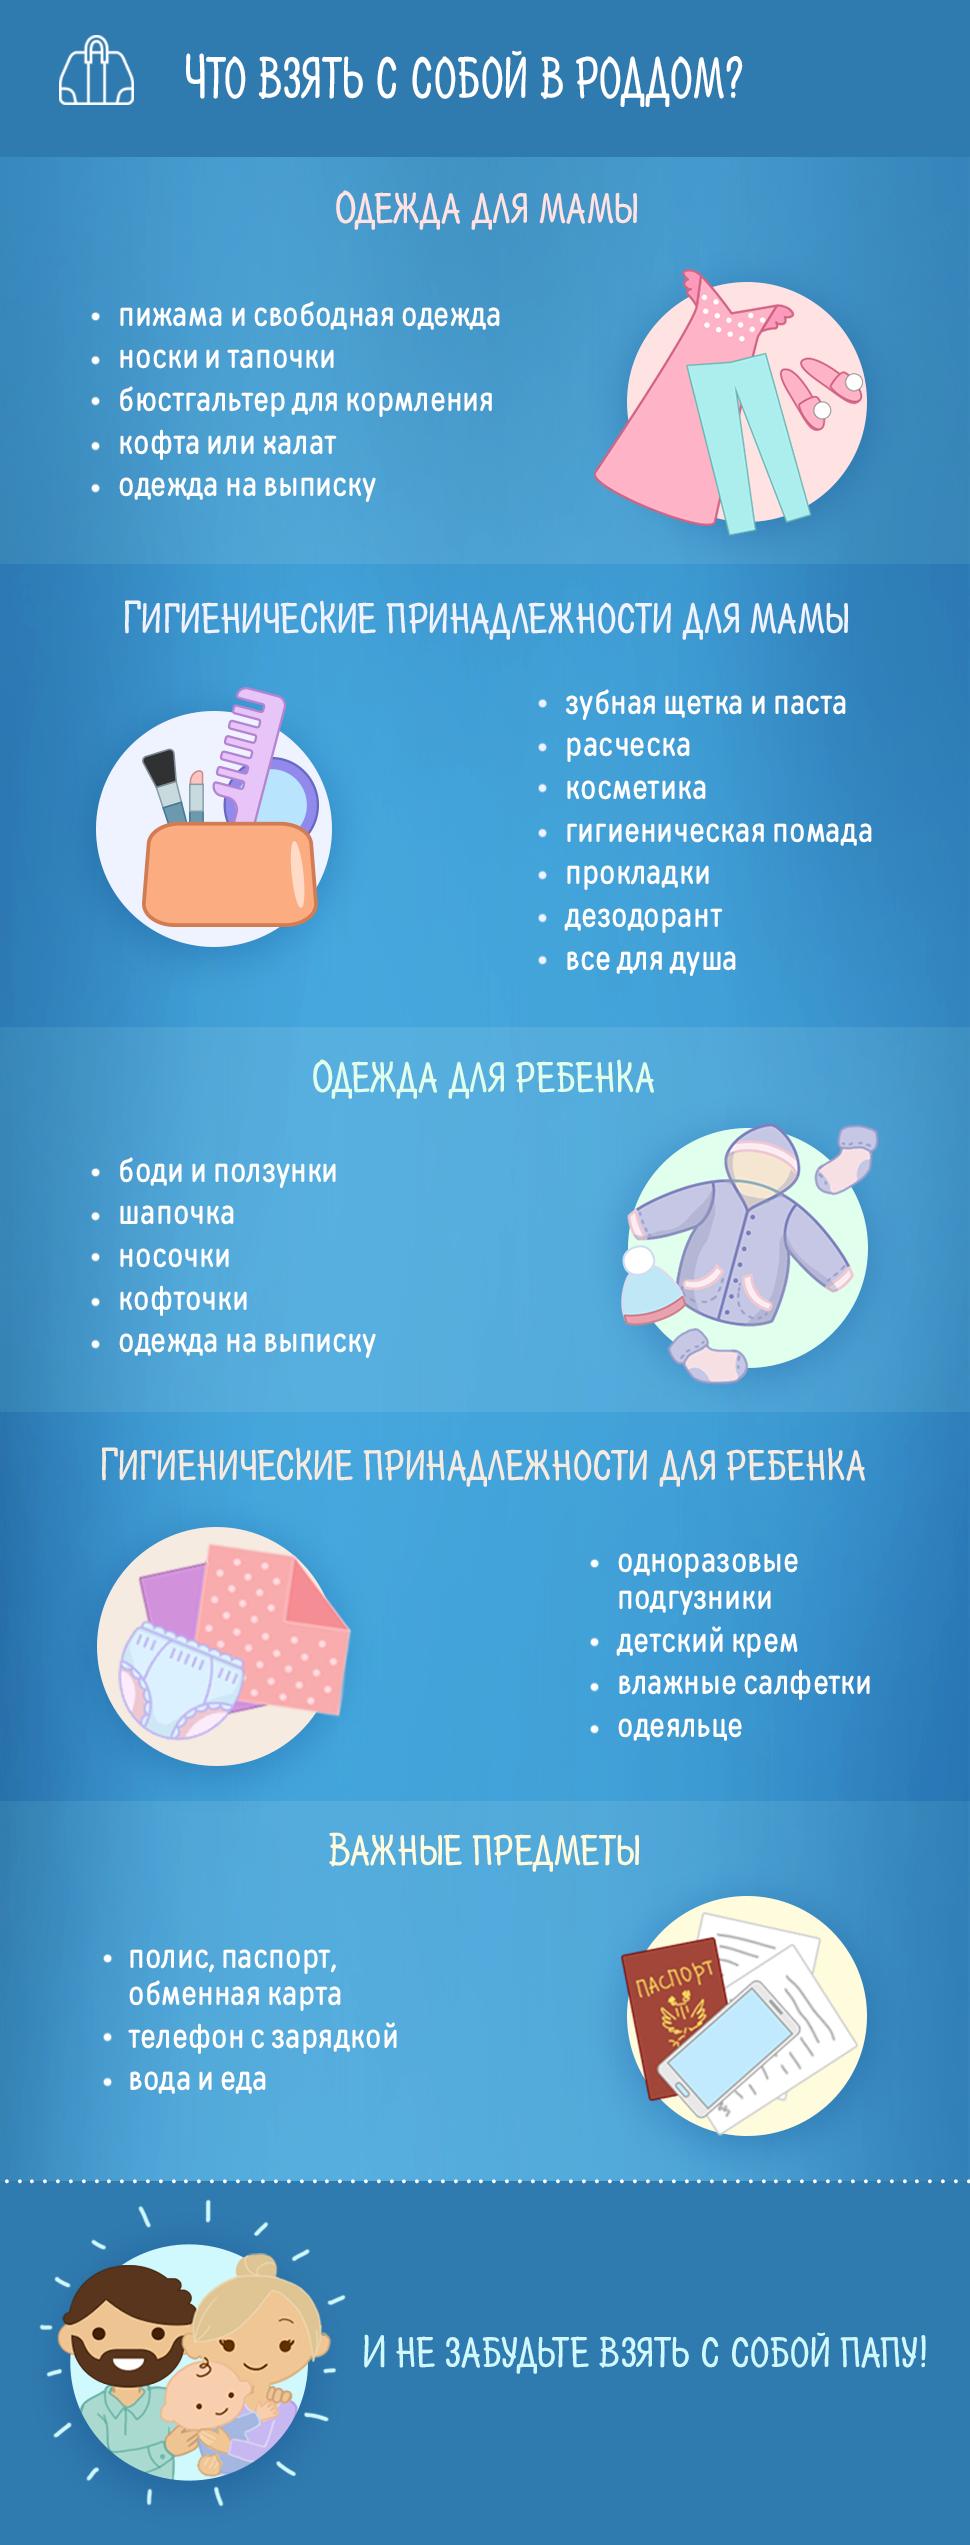 Что брать с собой в роддом на кесарево сечение: список, нужно ли взять послеродовые прокладки?